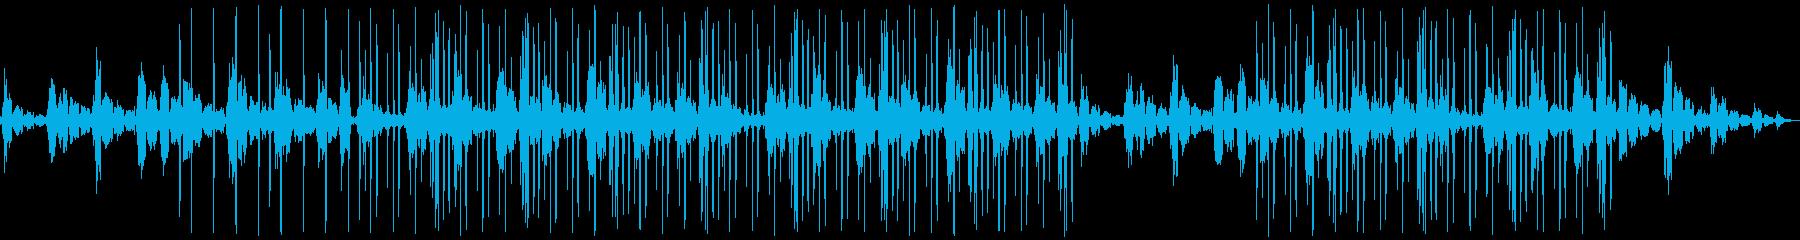 シンプル ピアノLo-Fi HipHopの再生済みの波形